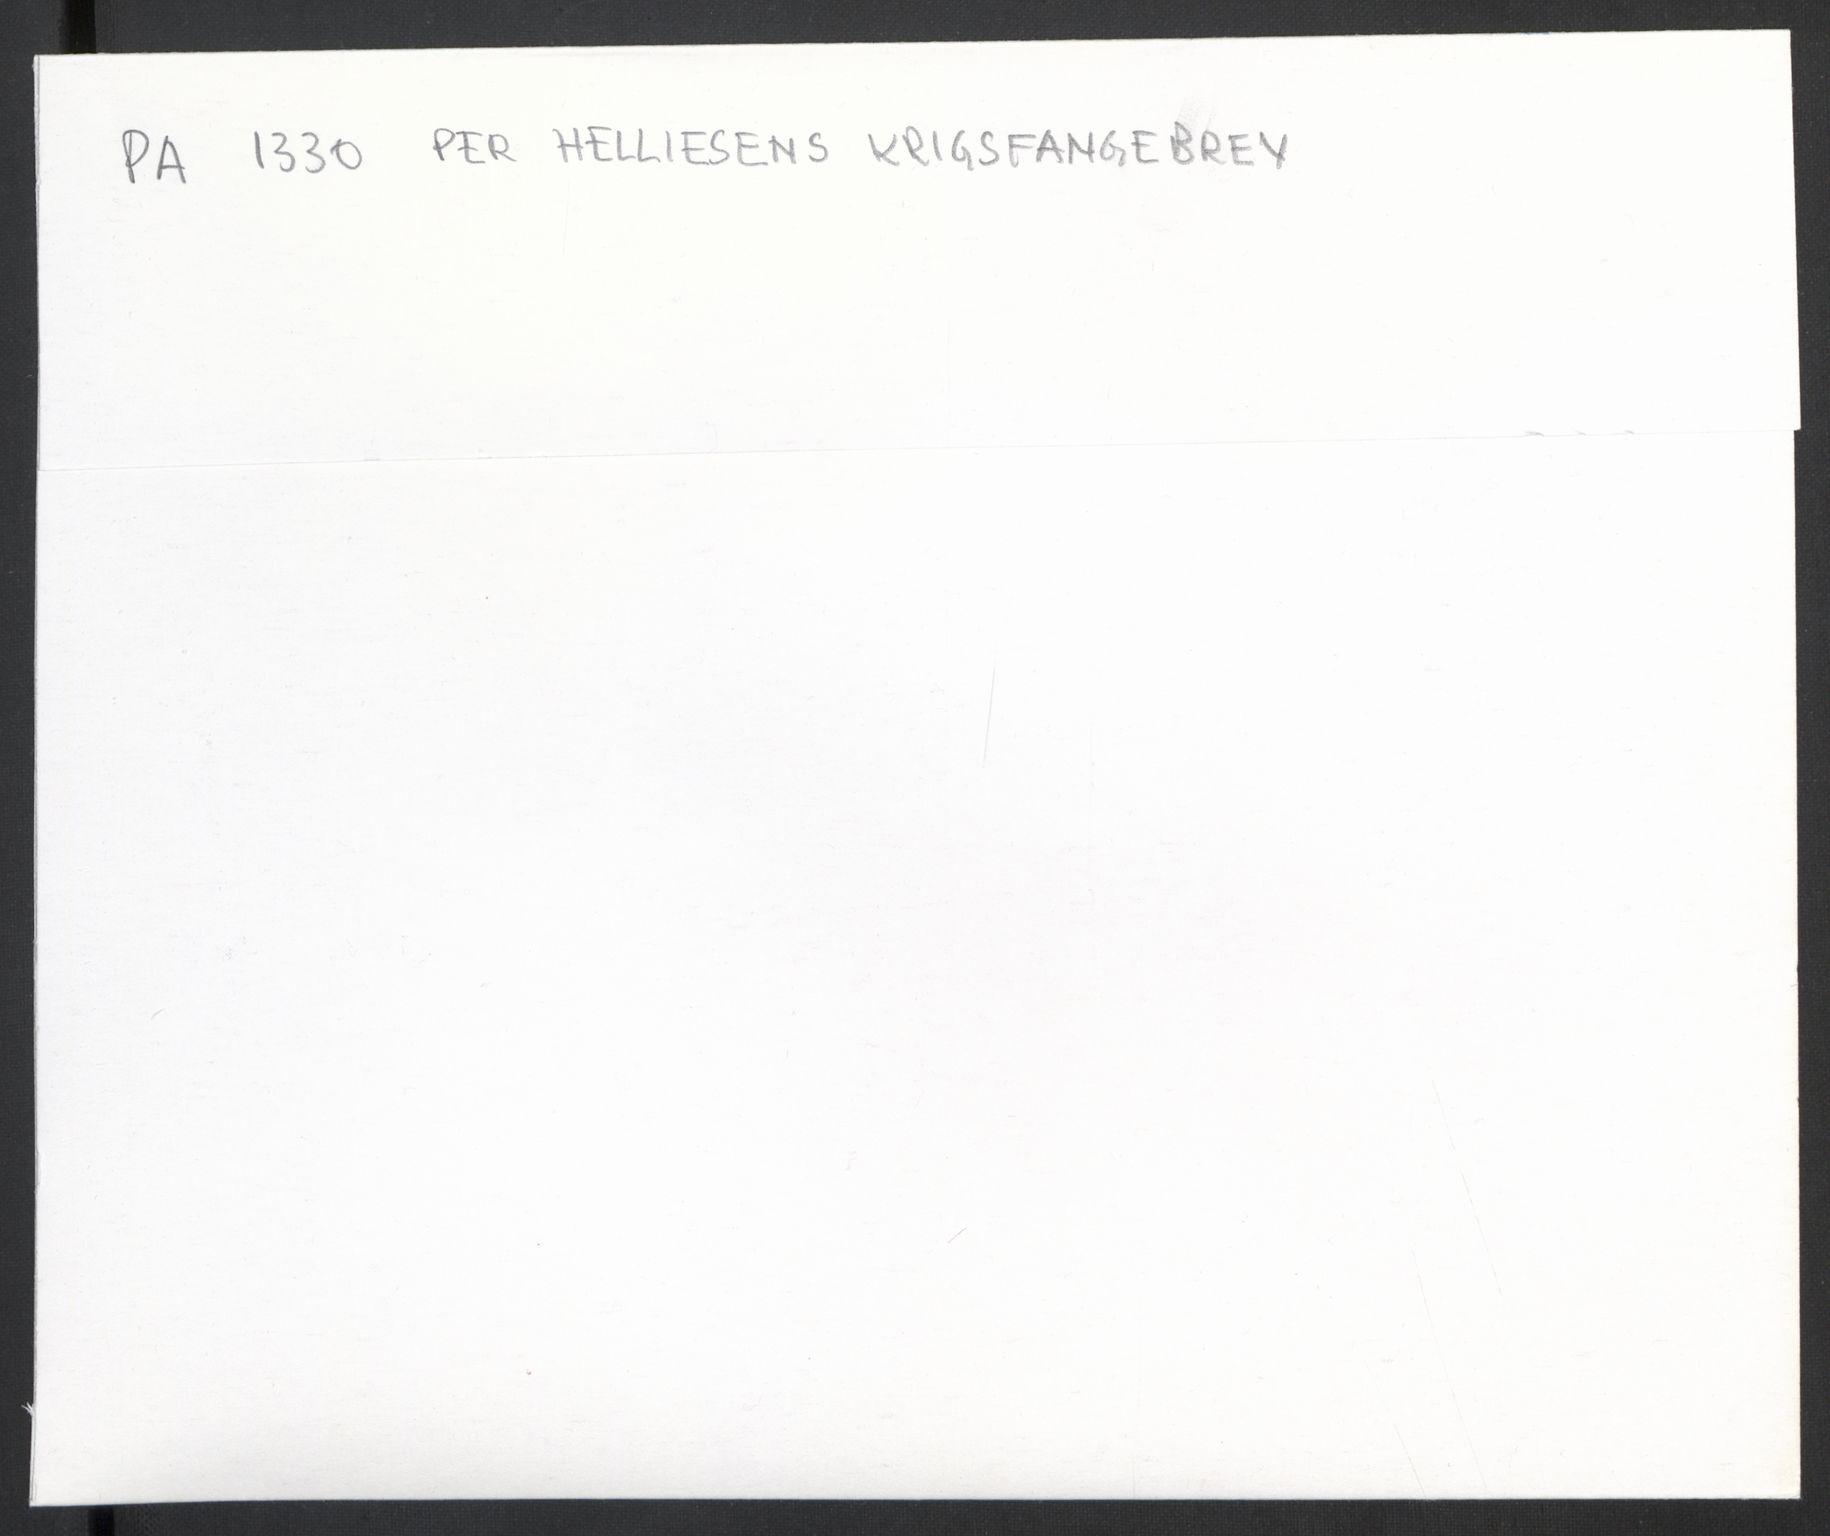 RA, Per Helliesens krigsfangebrev, F/L0001: 1 Brev fra Bredtvet, 6 brev (derav 1 kopi) fra Grini, 33 brev (derav 2 kopier) fra Sachsenhausen, 1 brev fra Neuengamme og et eksemplar av illegal nyhetsavis., 1942-1945